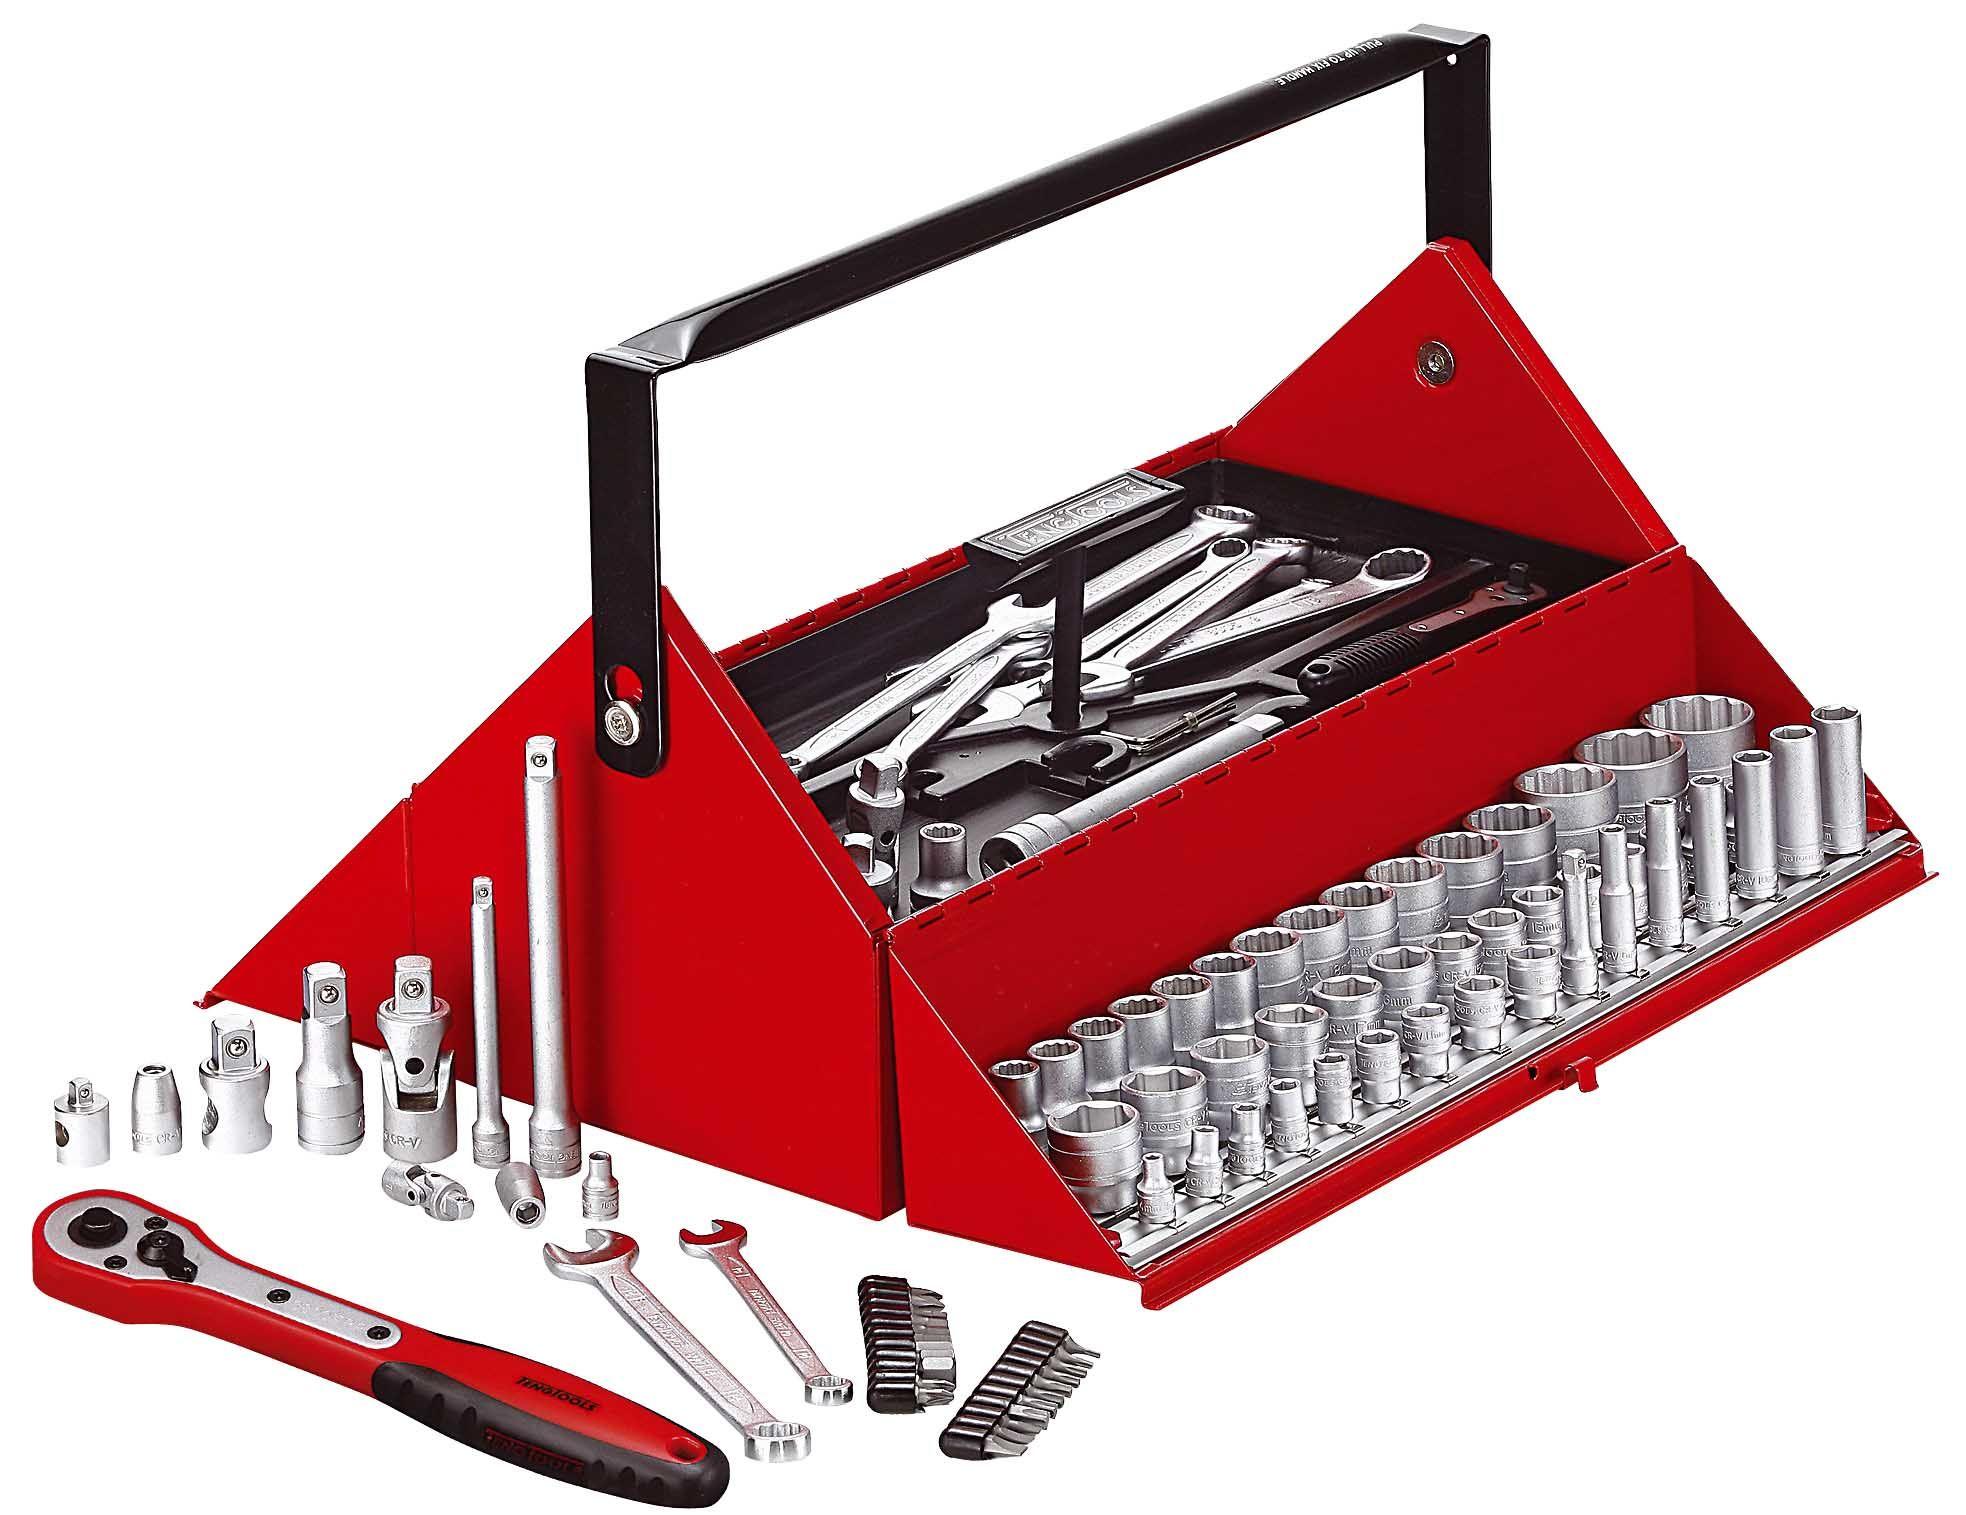 Teng Tools 187 Piece Mechanics Tool Kit TC187